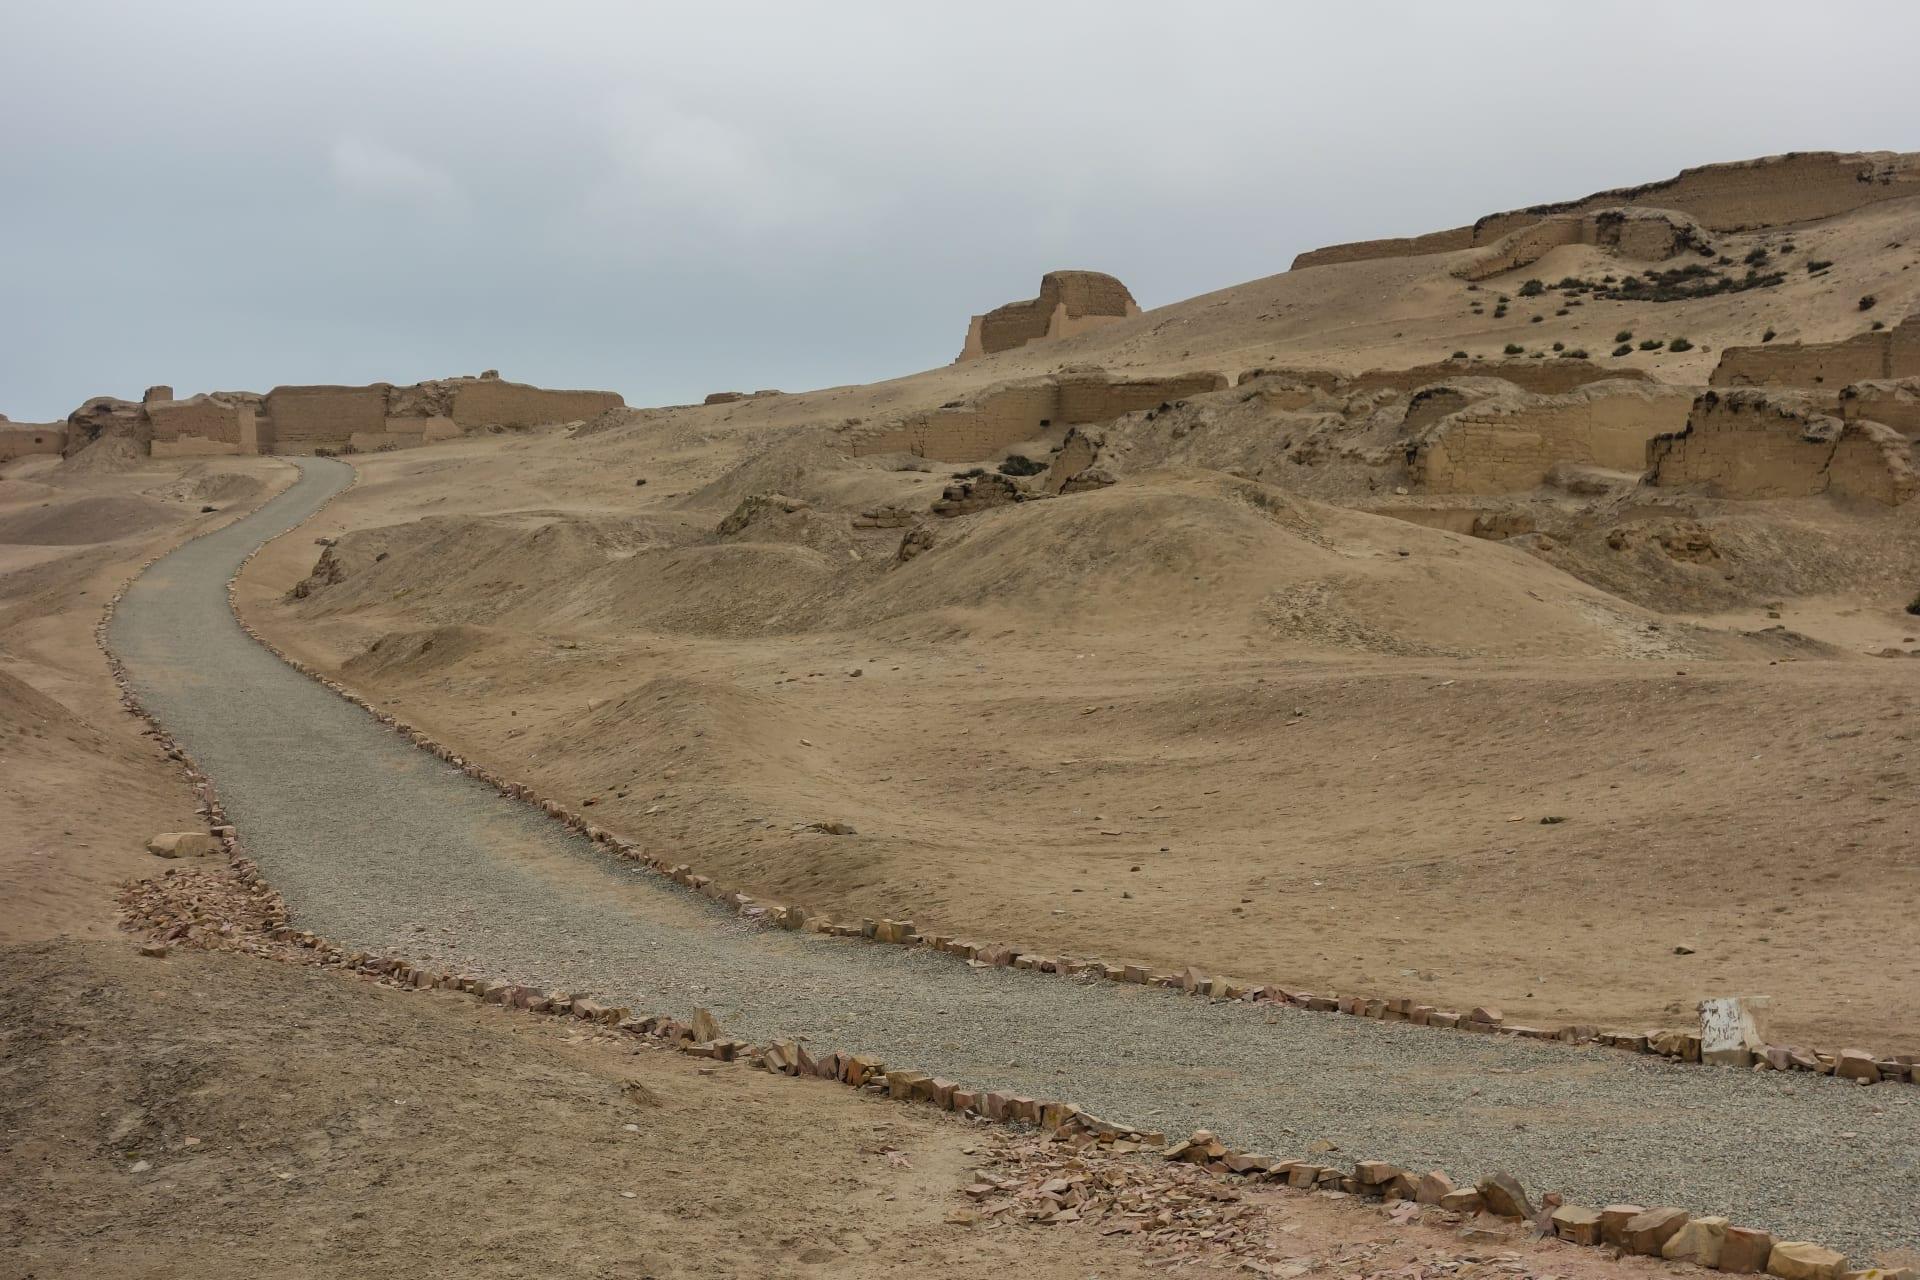 Lima - Mateo Salado: Climb to the top of a Pre-Inca pyramid